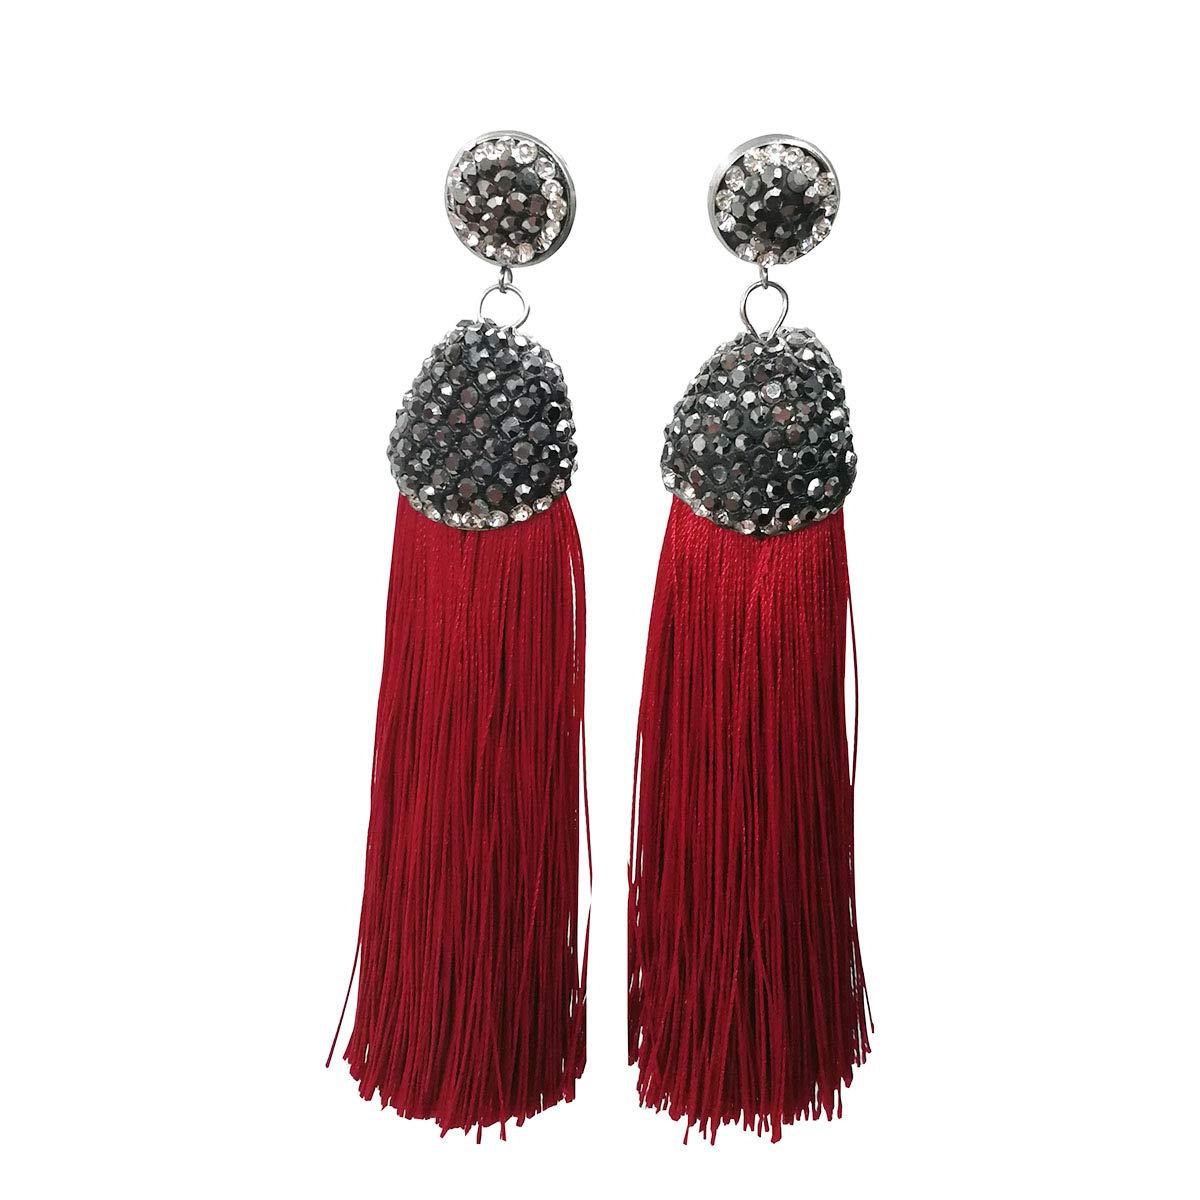 Karen accessories Dangle Drop Long Fringe Tassel Earrings with Black Rhinestone Top (Wine Red)